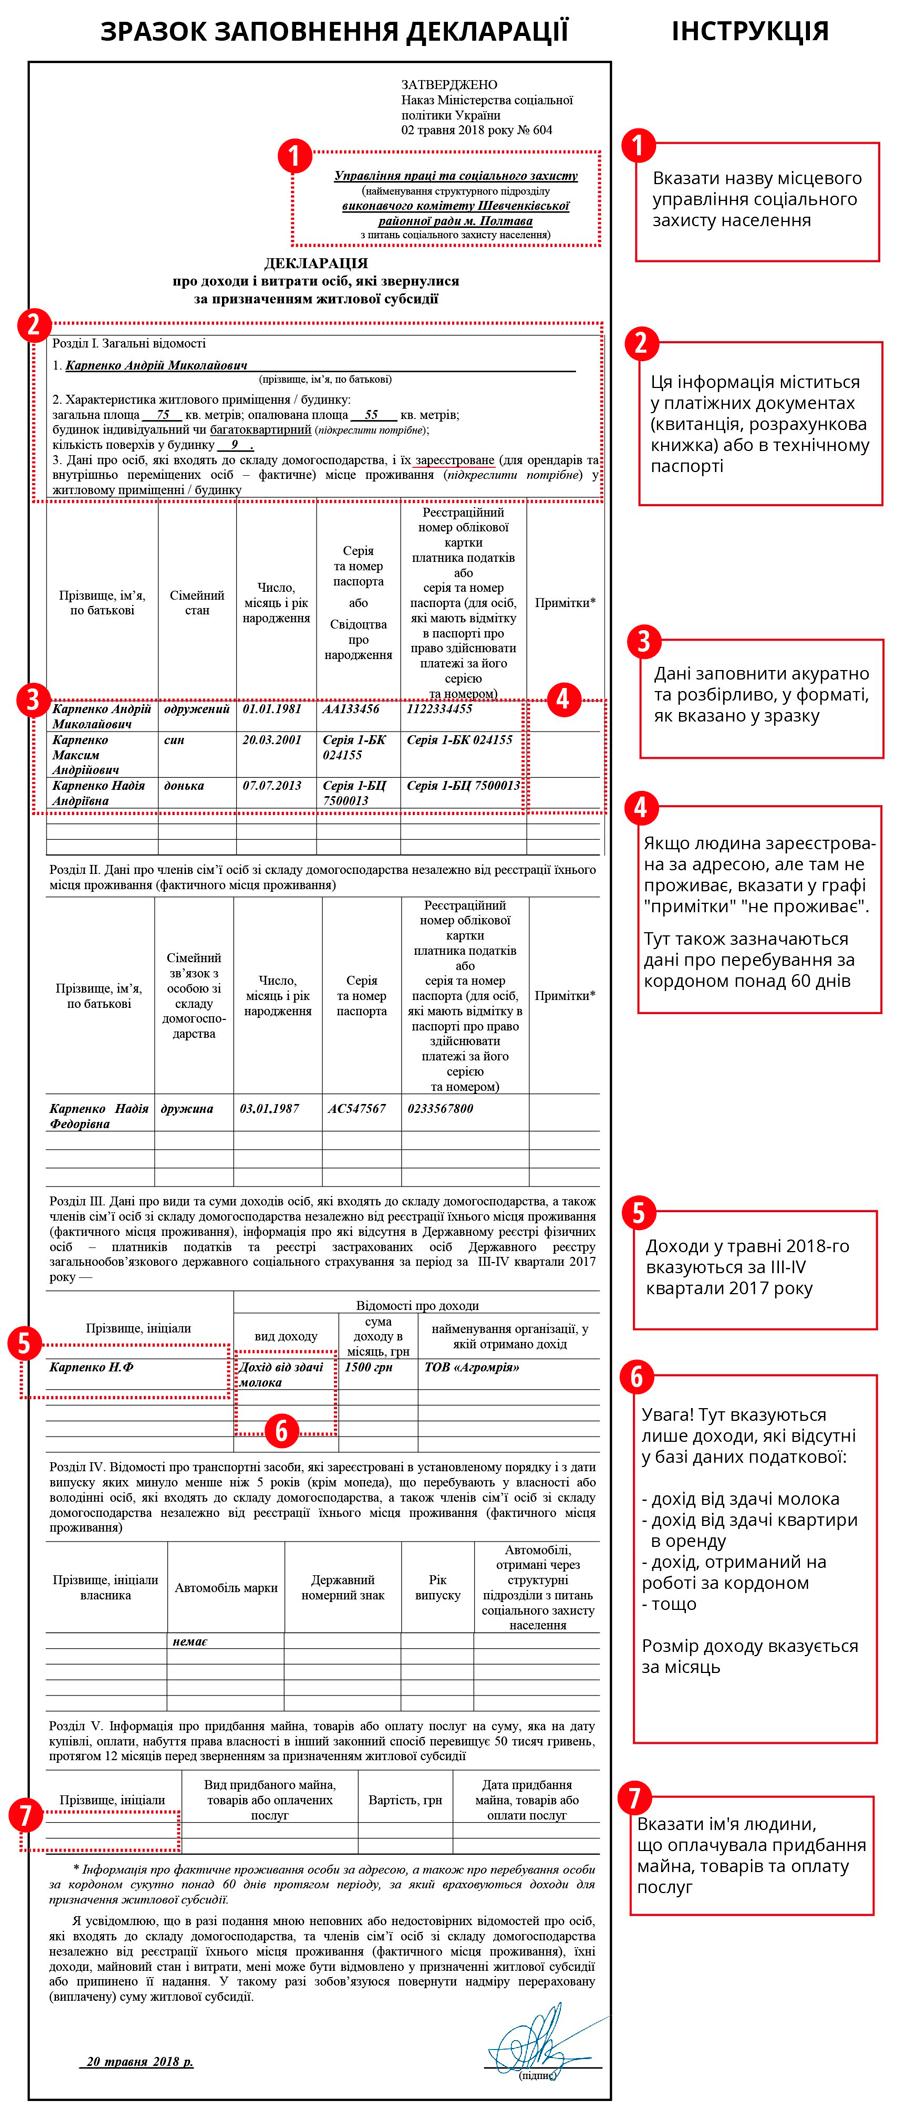 пример заполнения заявления на субсидию